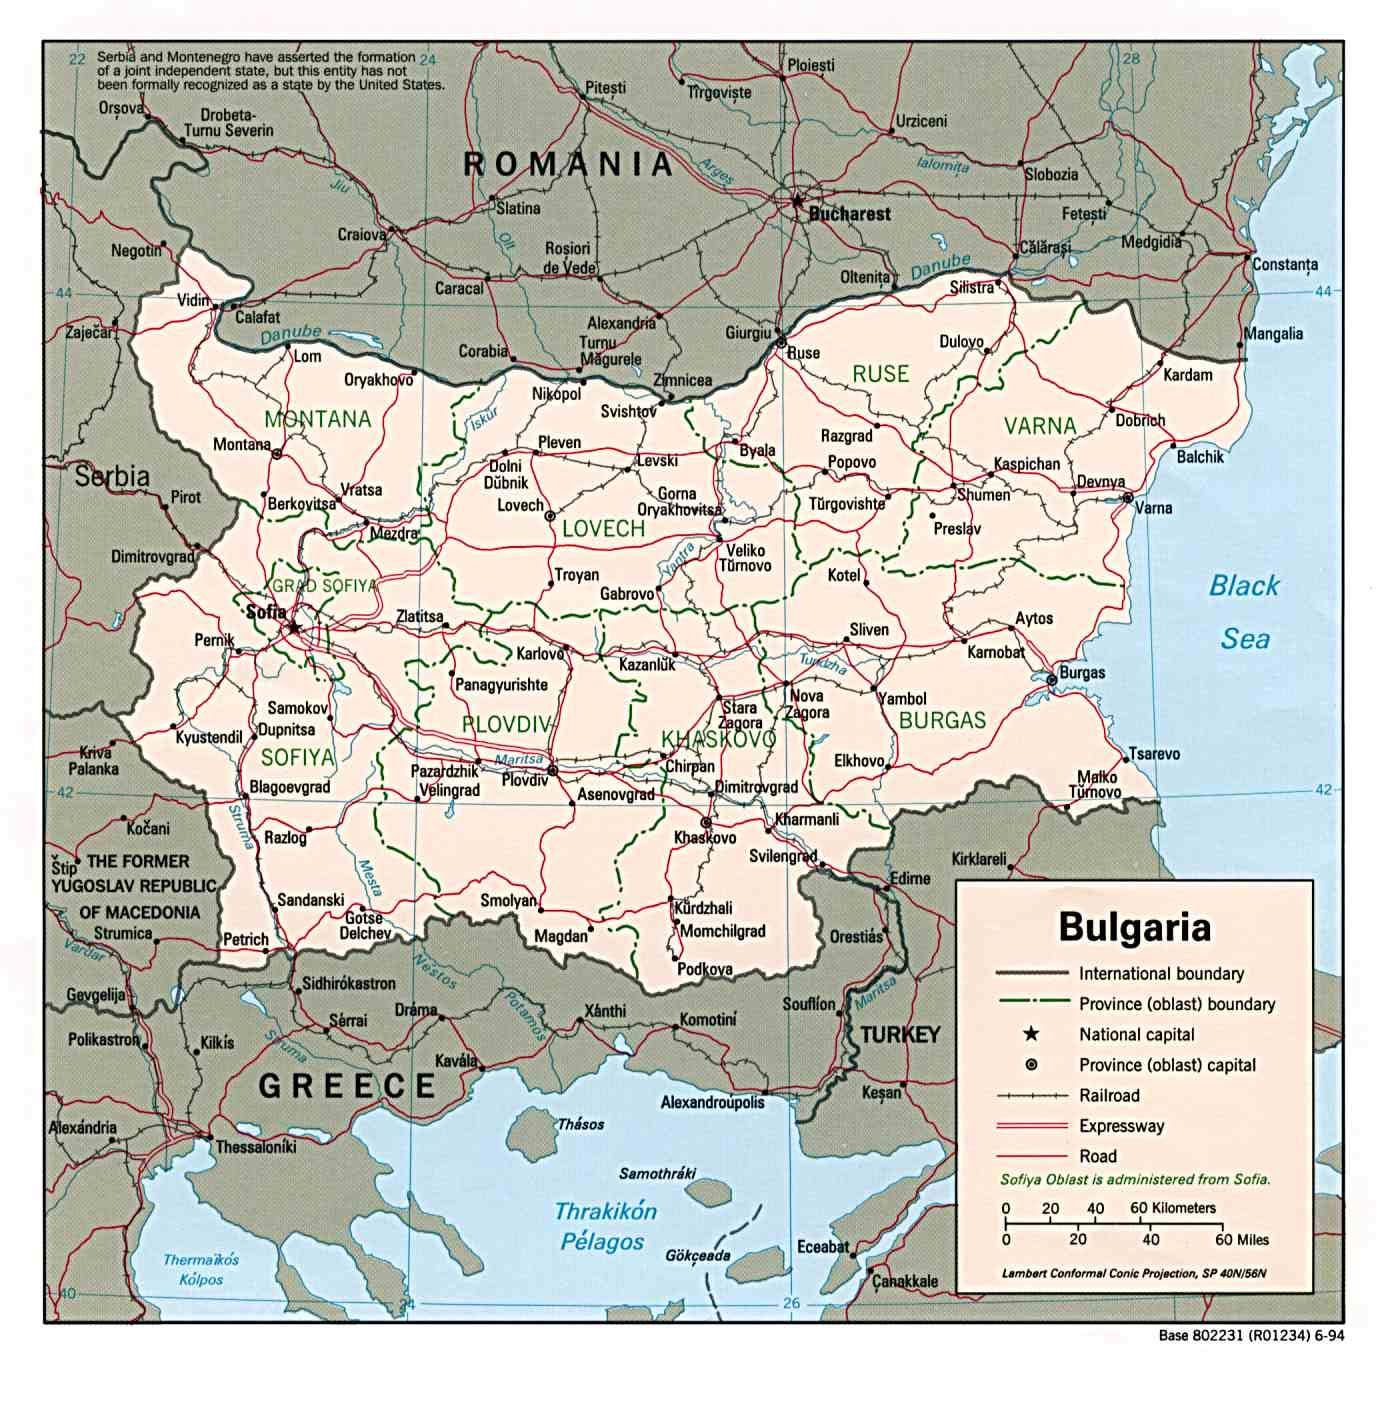 bulgarien karte europa